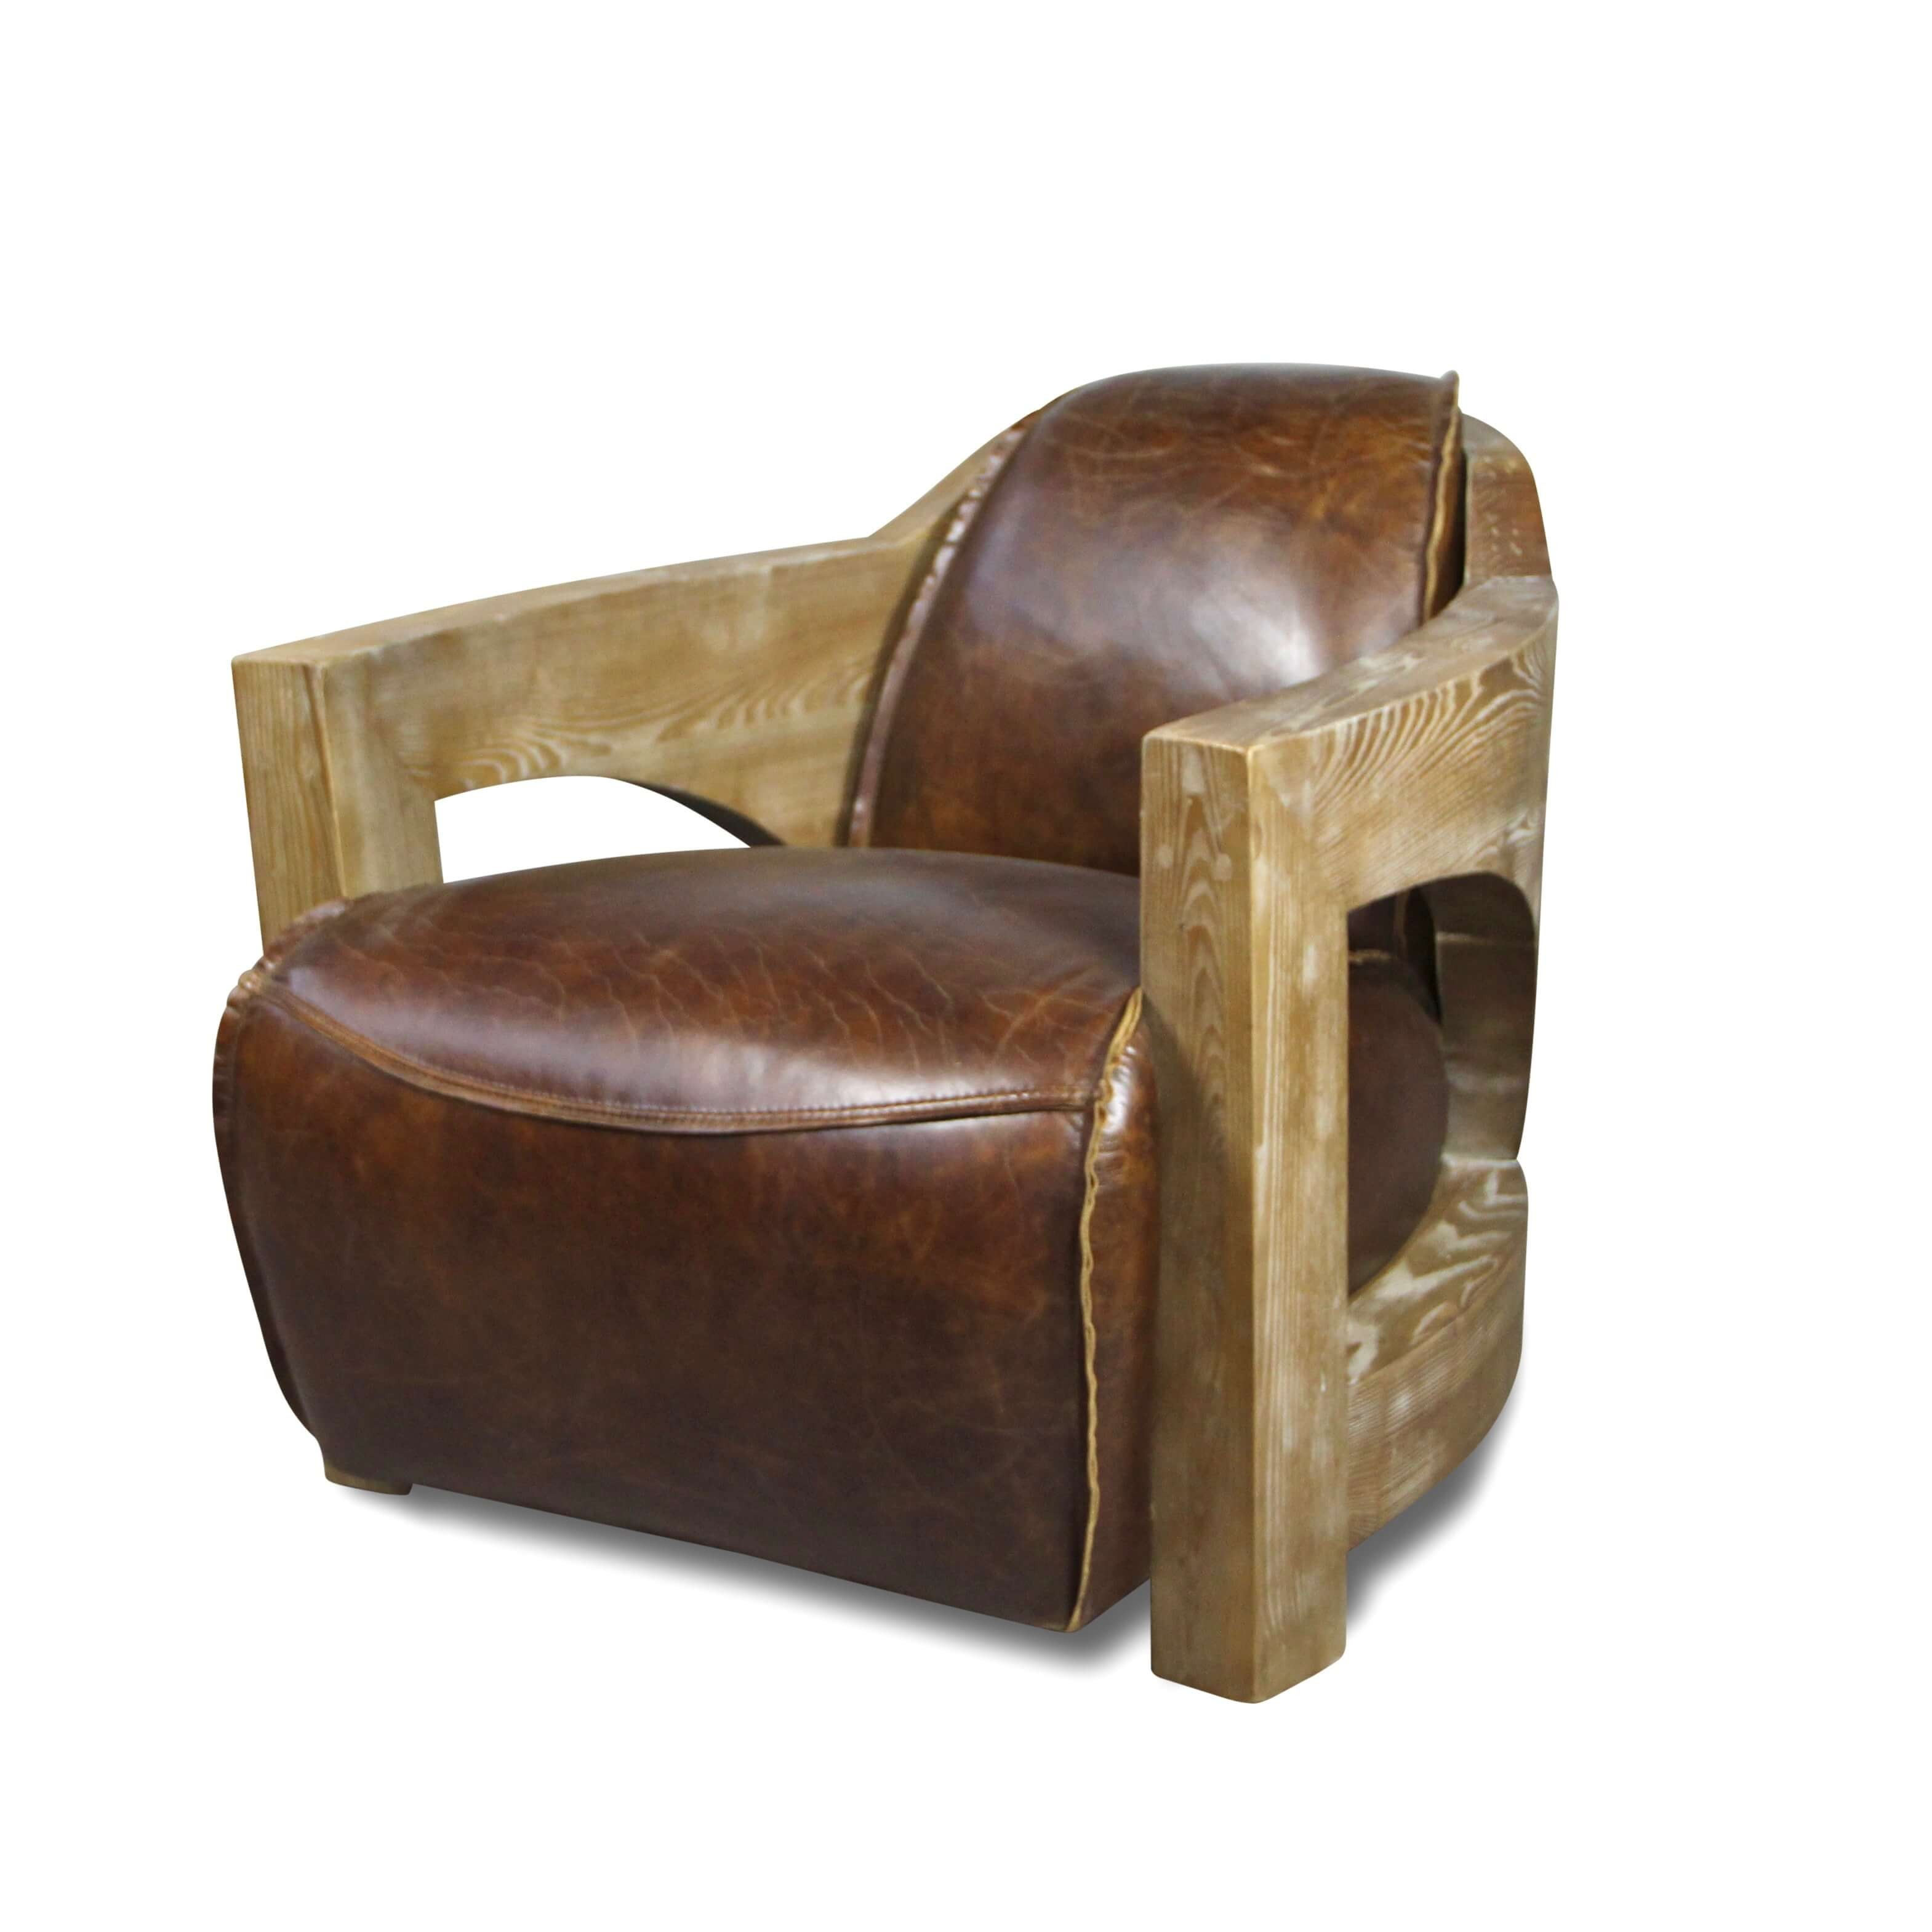 Fauteuil Club cuir marron patiné vintage avec accoudoirs en bois a09cd9fba72c